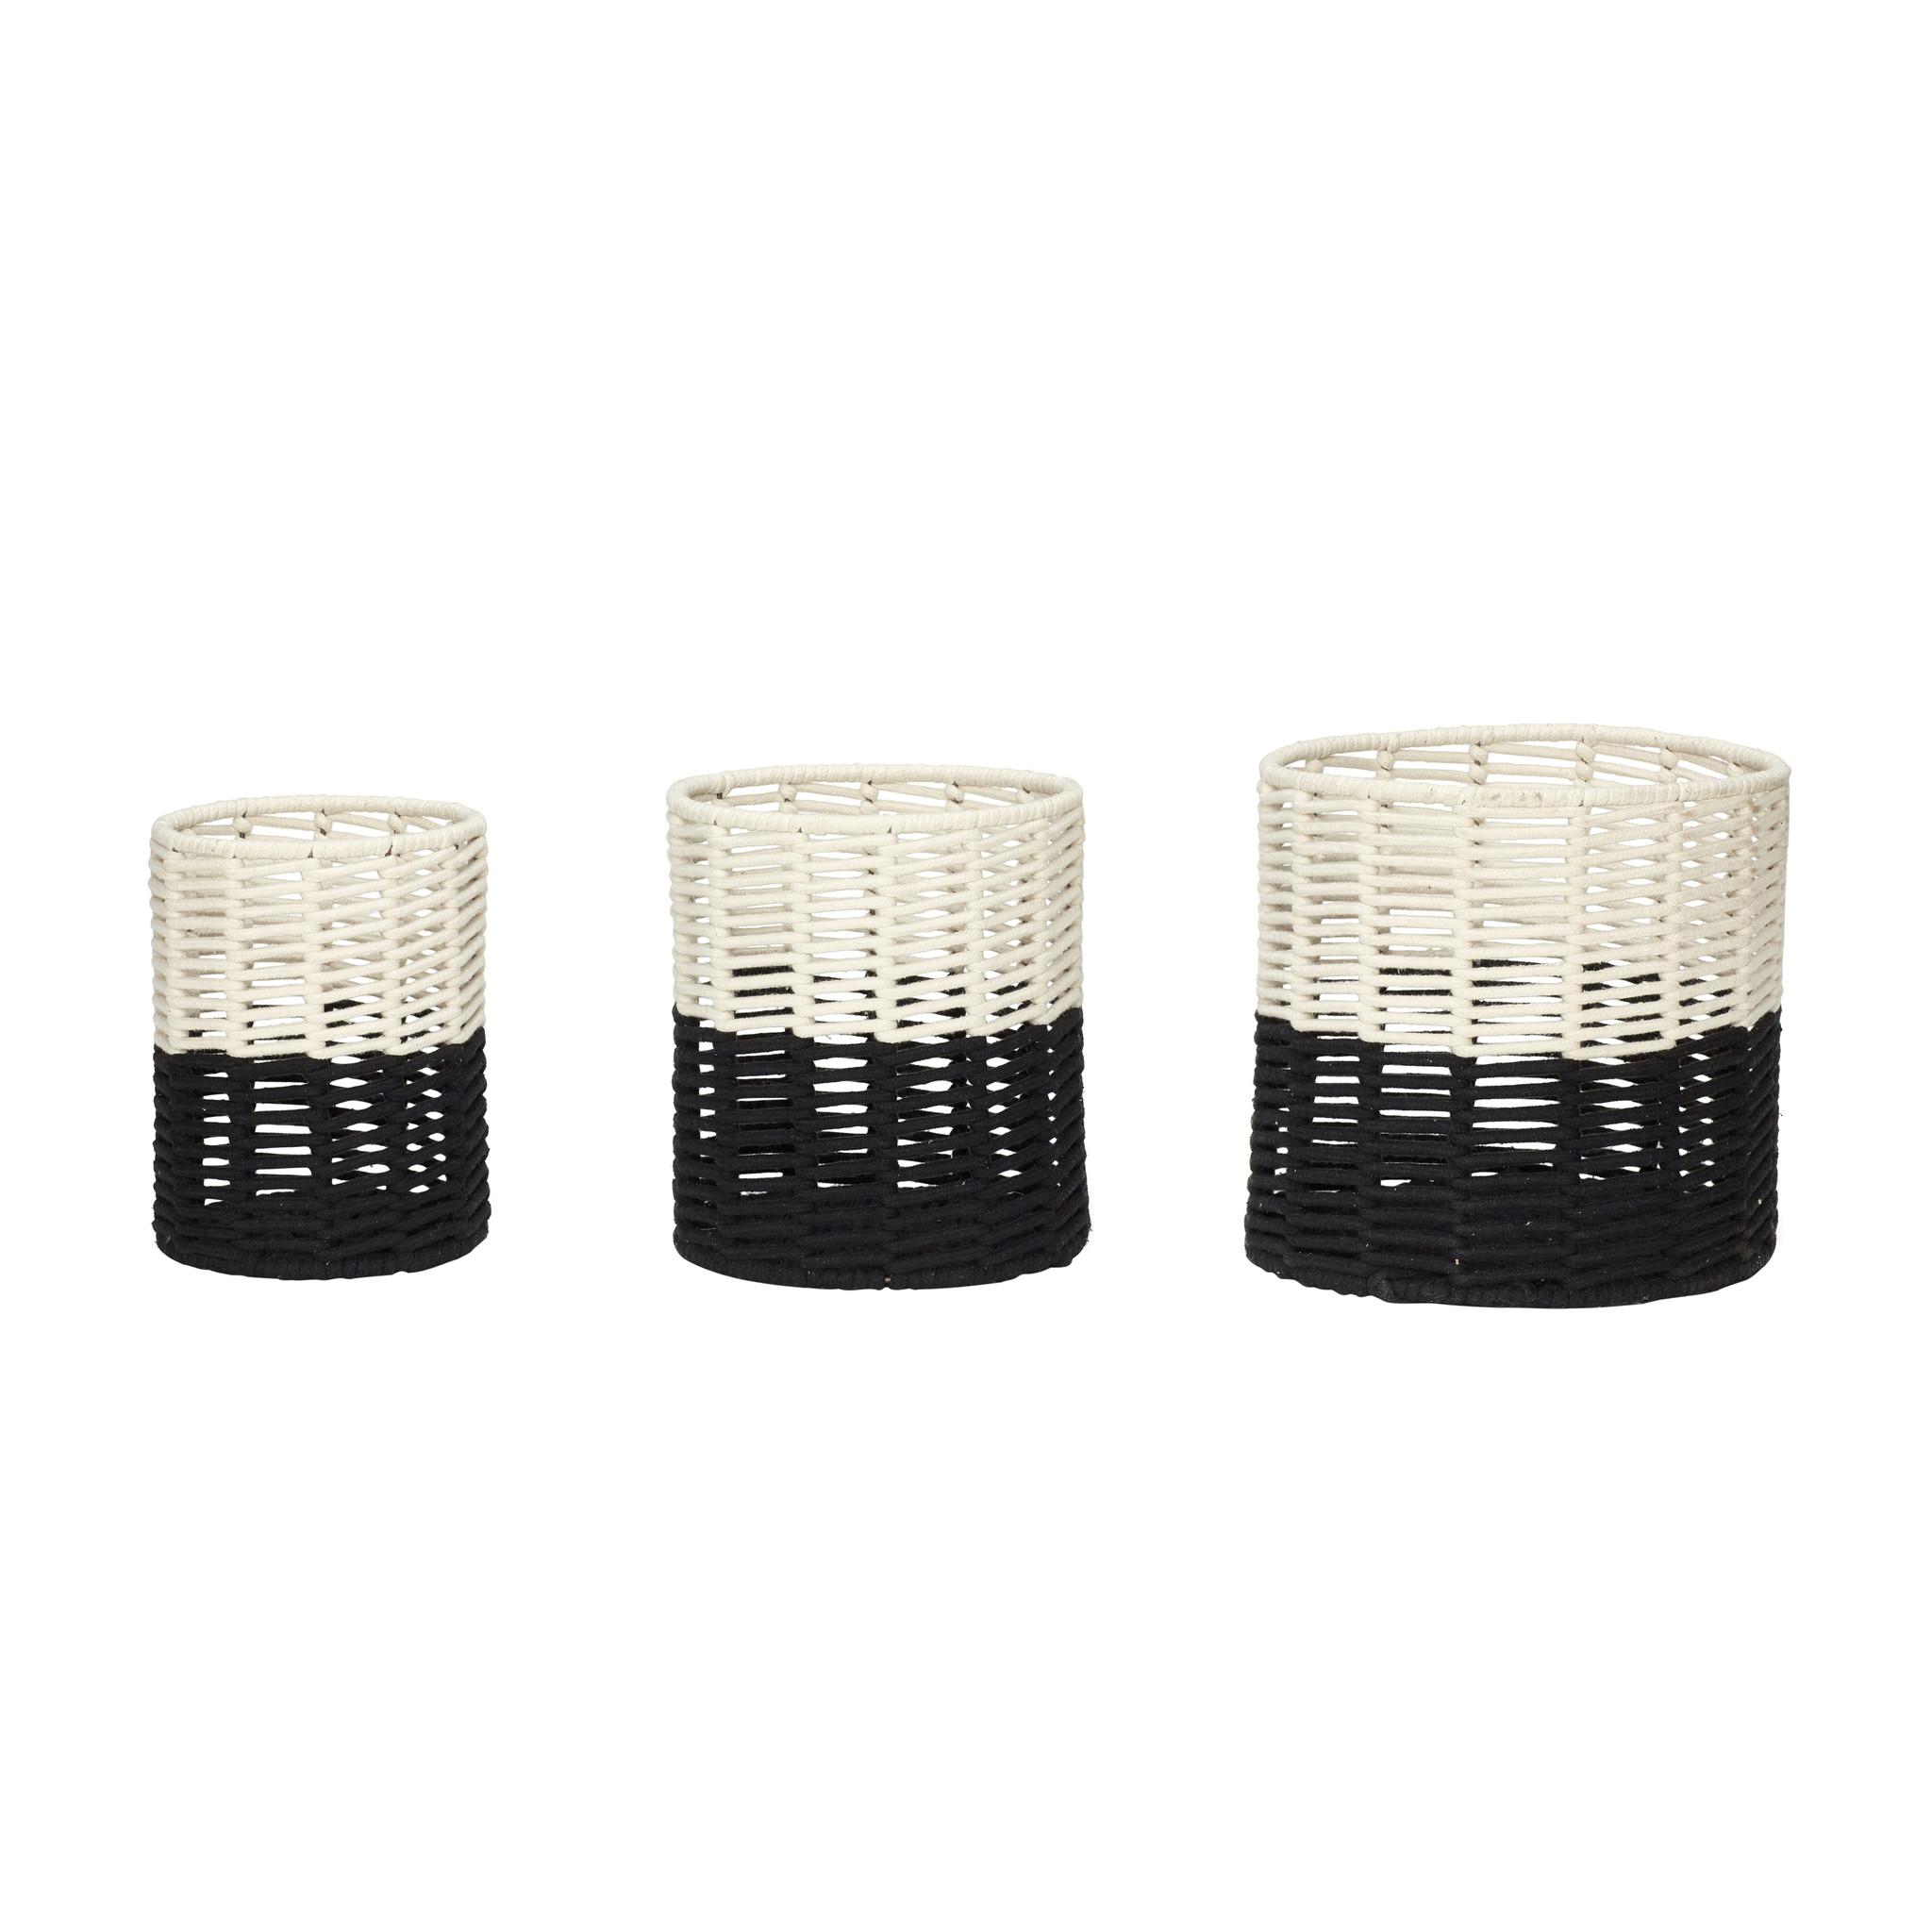 Hubsch Mand, rond, katoen, zwart / wit, set van 3-410501-5712772062517